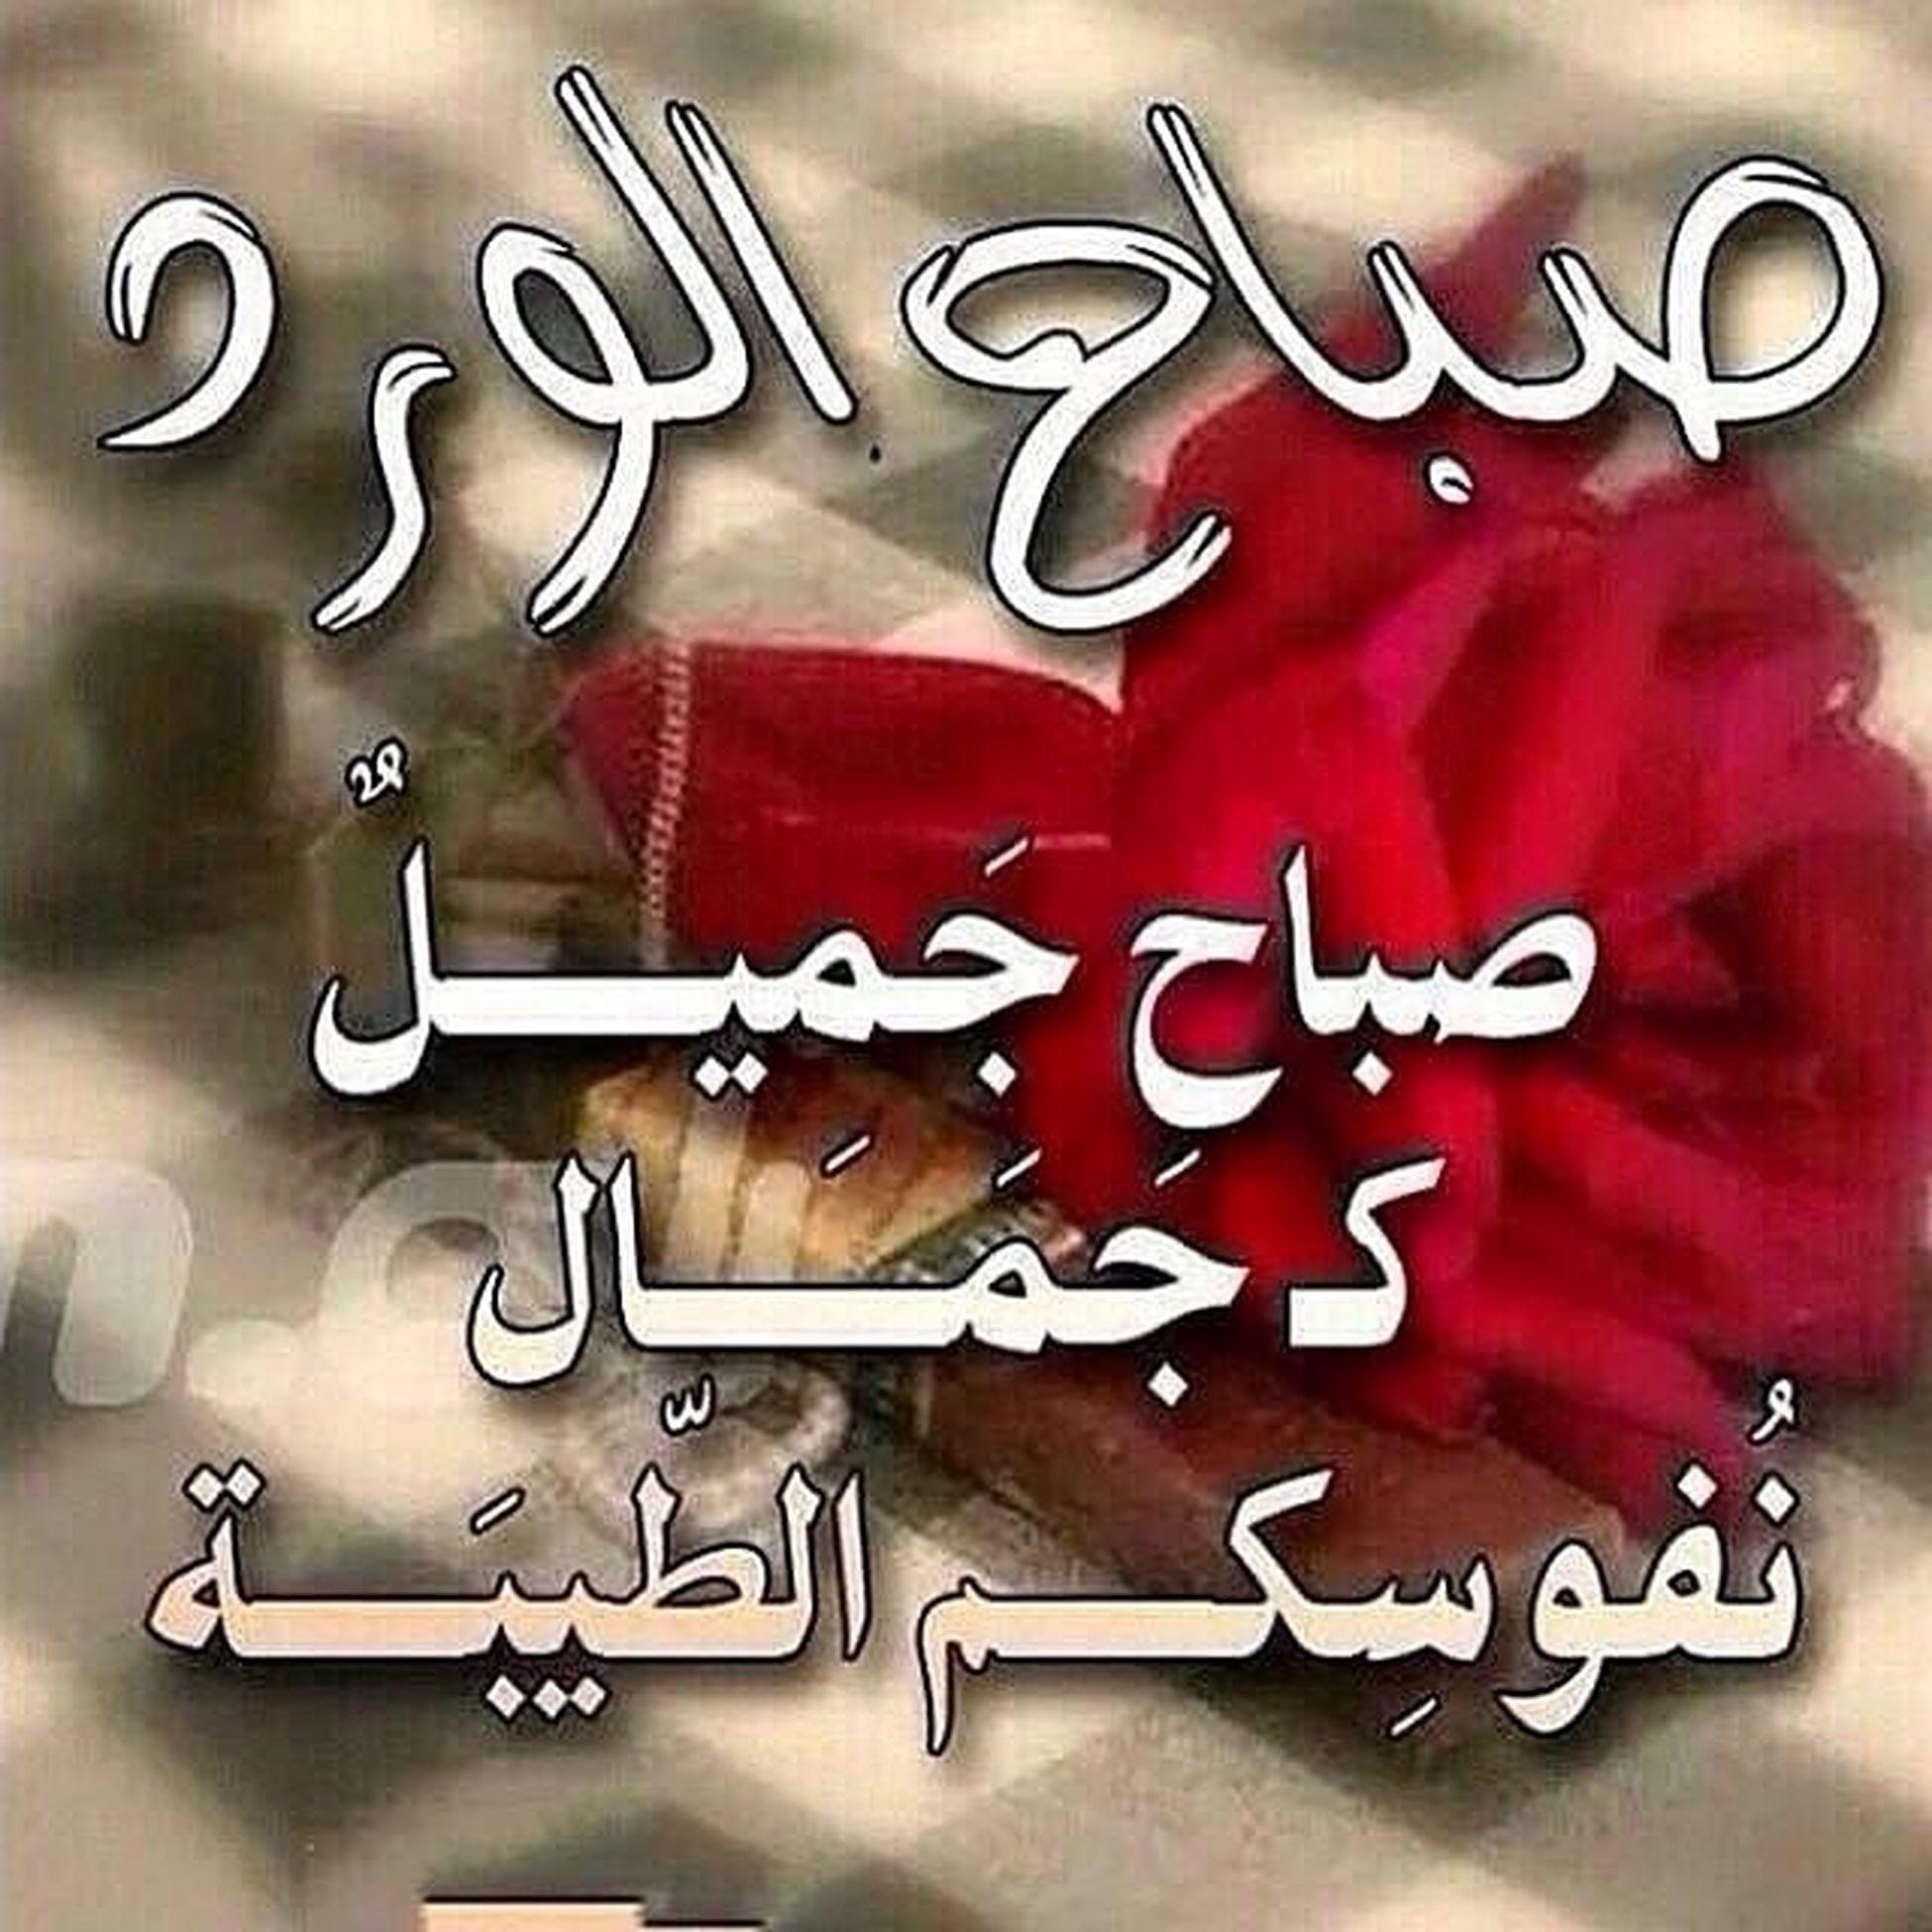 صباح_الفرج_من_الفرج صباح الخير صباح_الورد Good_morning